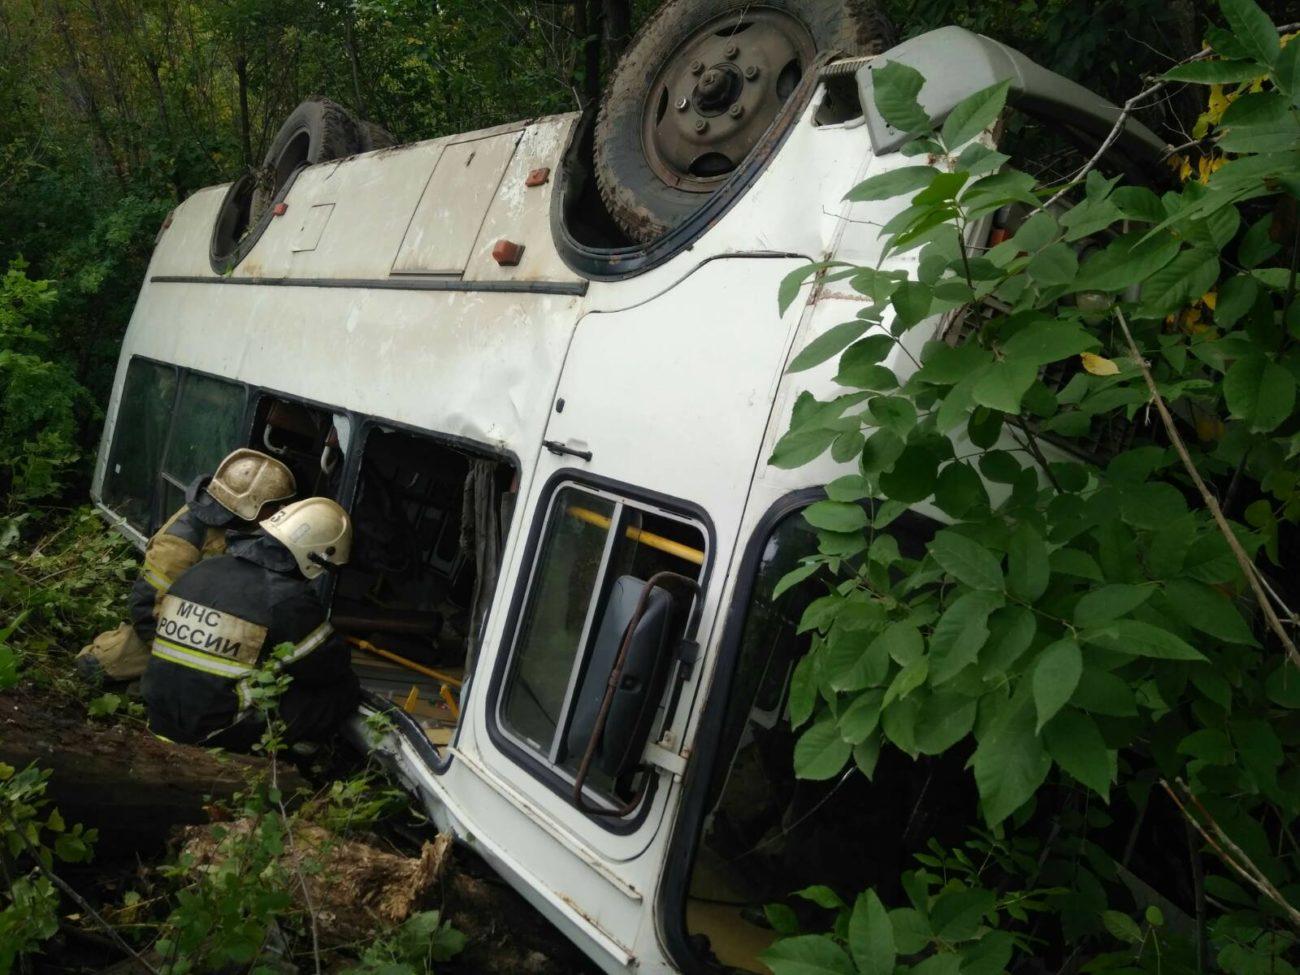 За гибель пассажира владелец оренбургского автобуса заплатит штраф